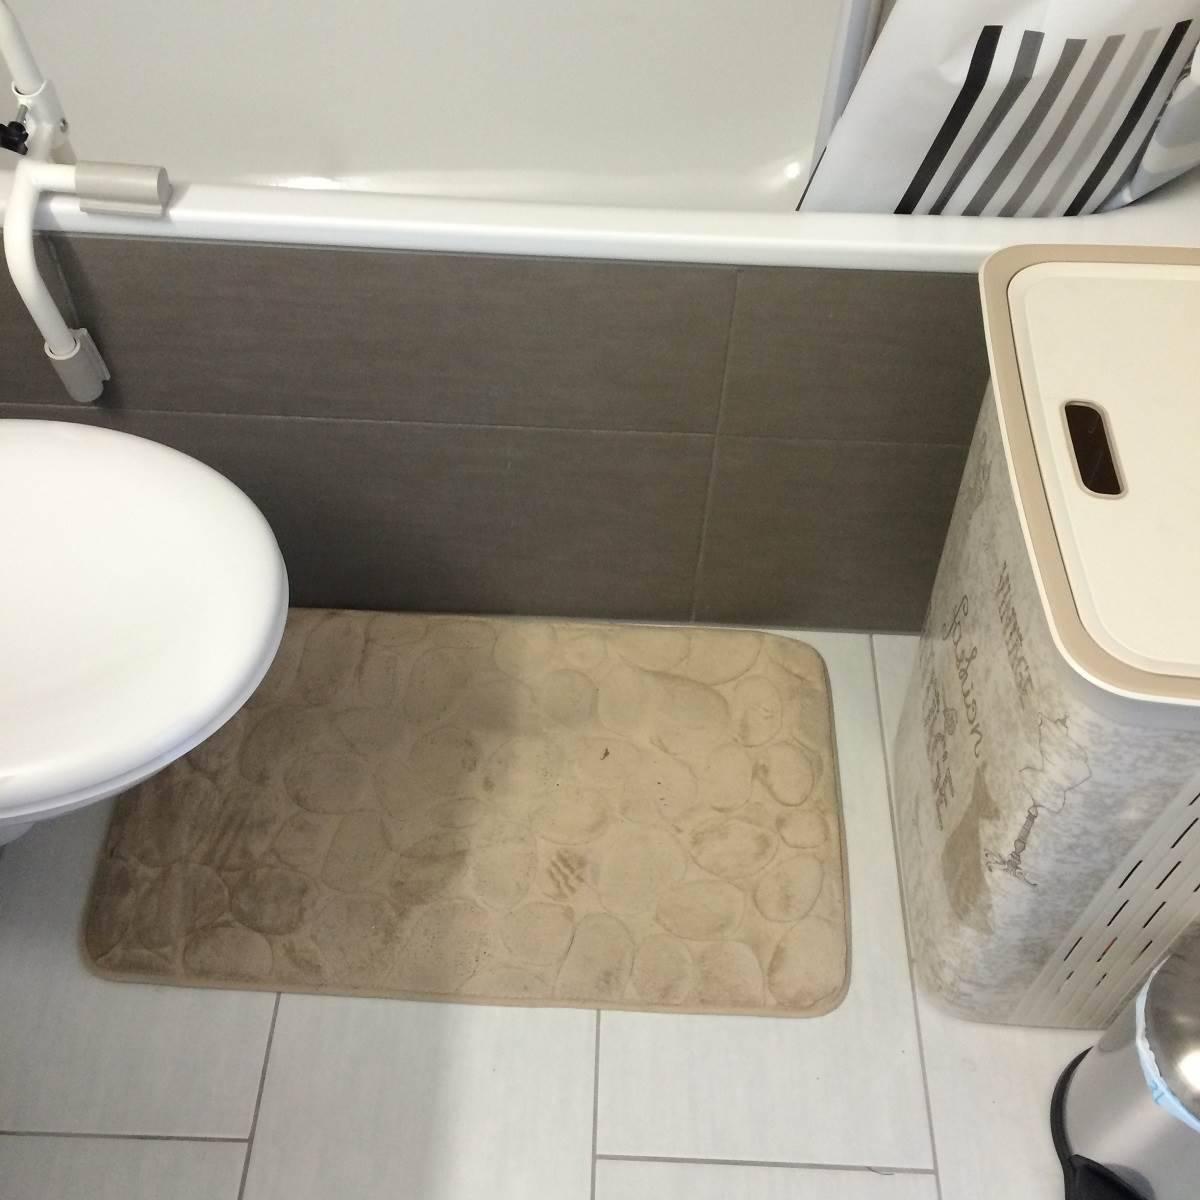 installer une porte dans votre baignoire salle de bain. Black Bedroom Furniture Sets. Home Design Ideas